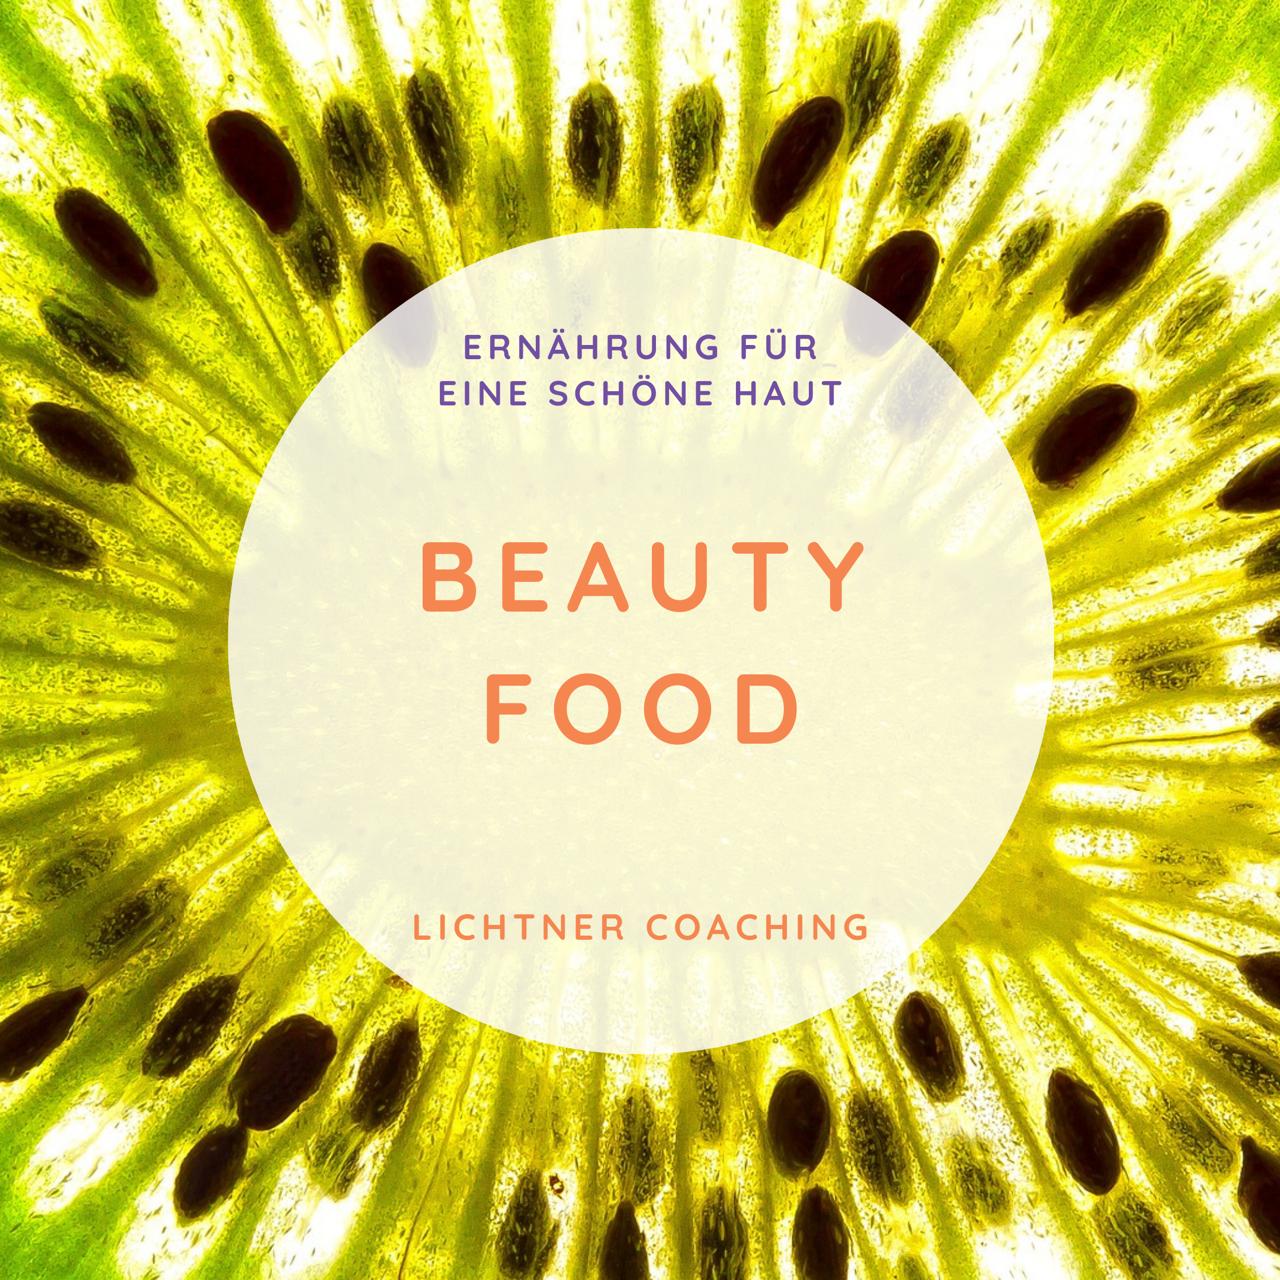 Beauty Food - Ernährung für eine schöne Haut